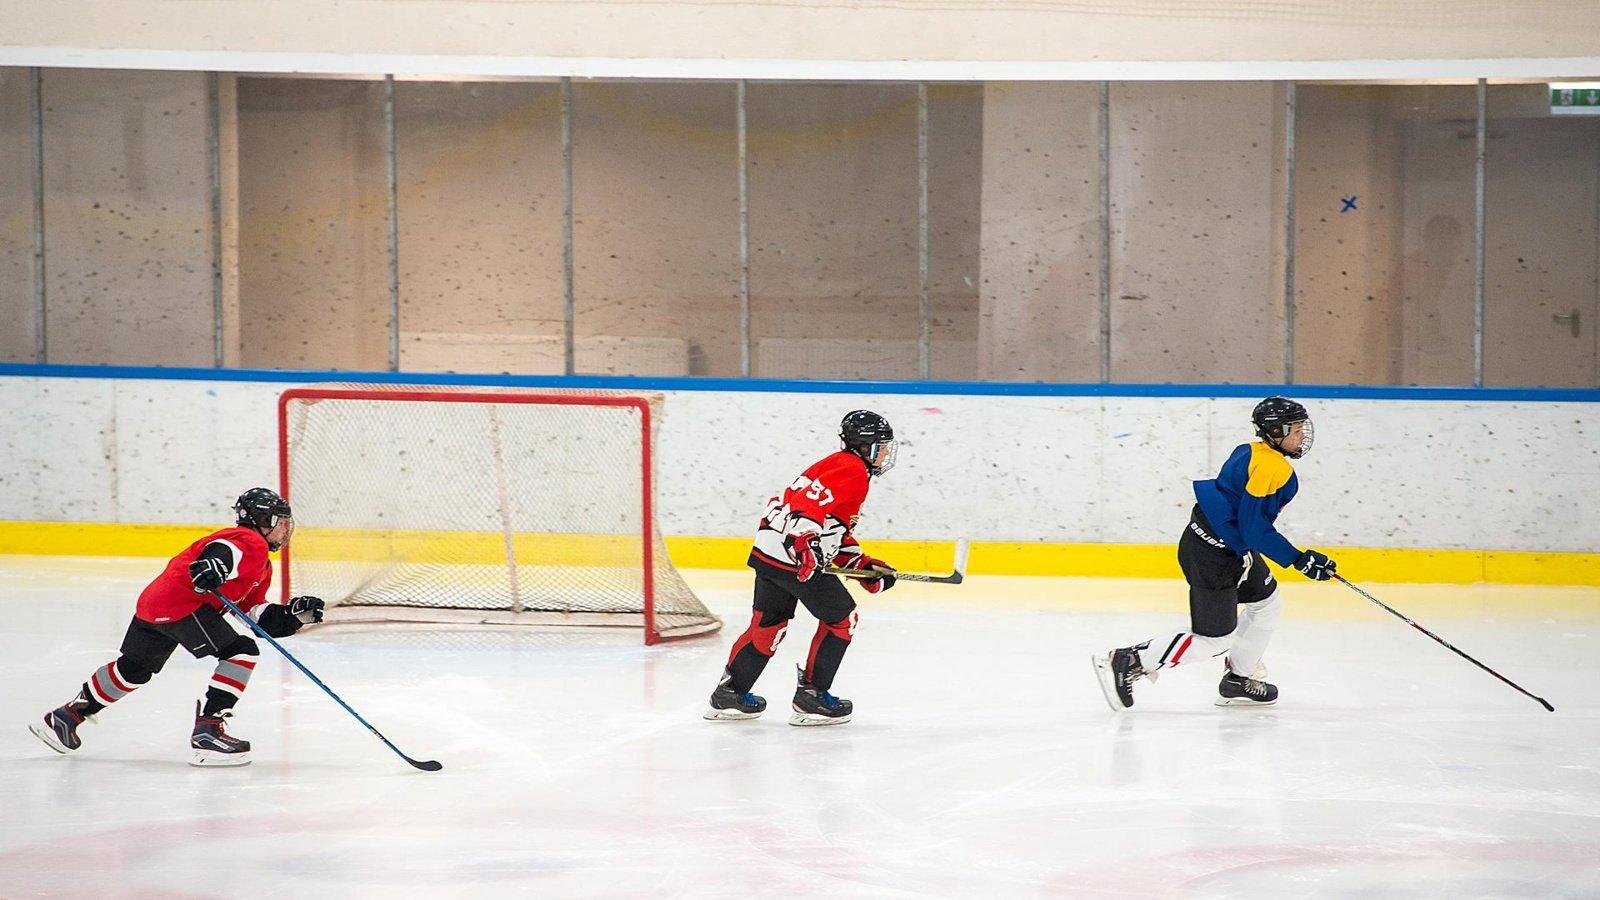 Kauno sporto mokyklose – permainų metas